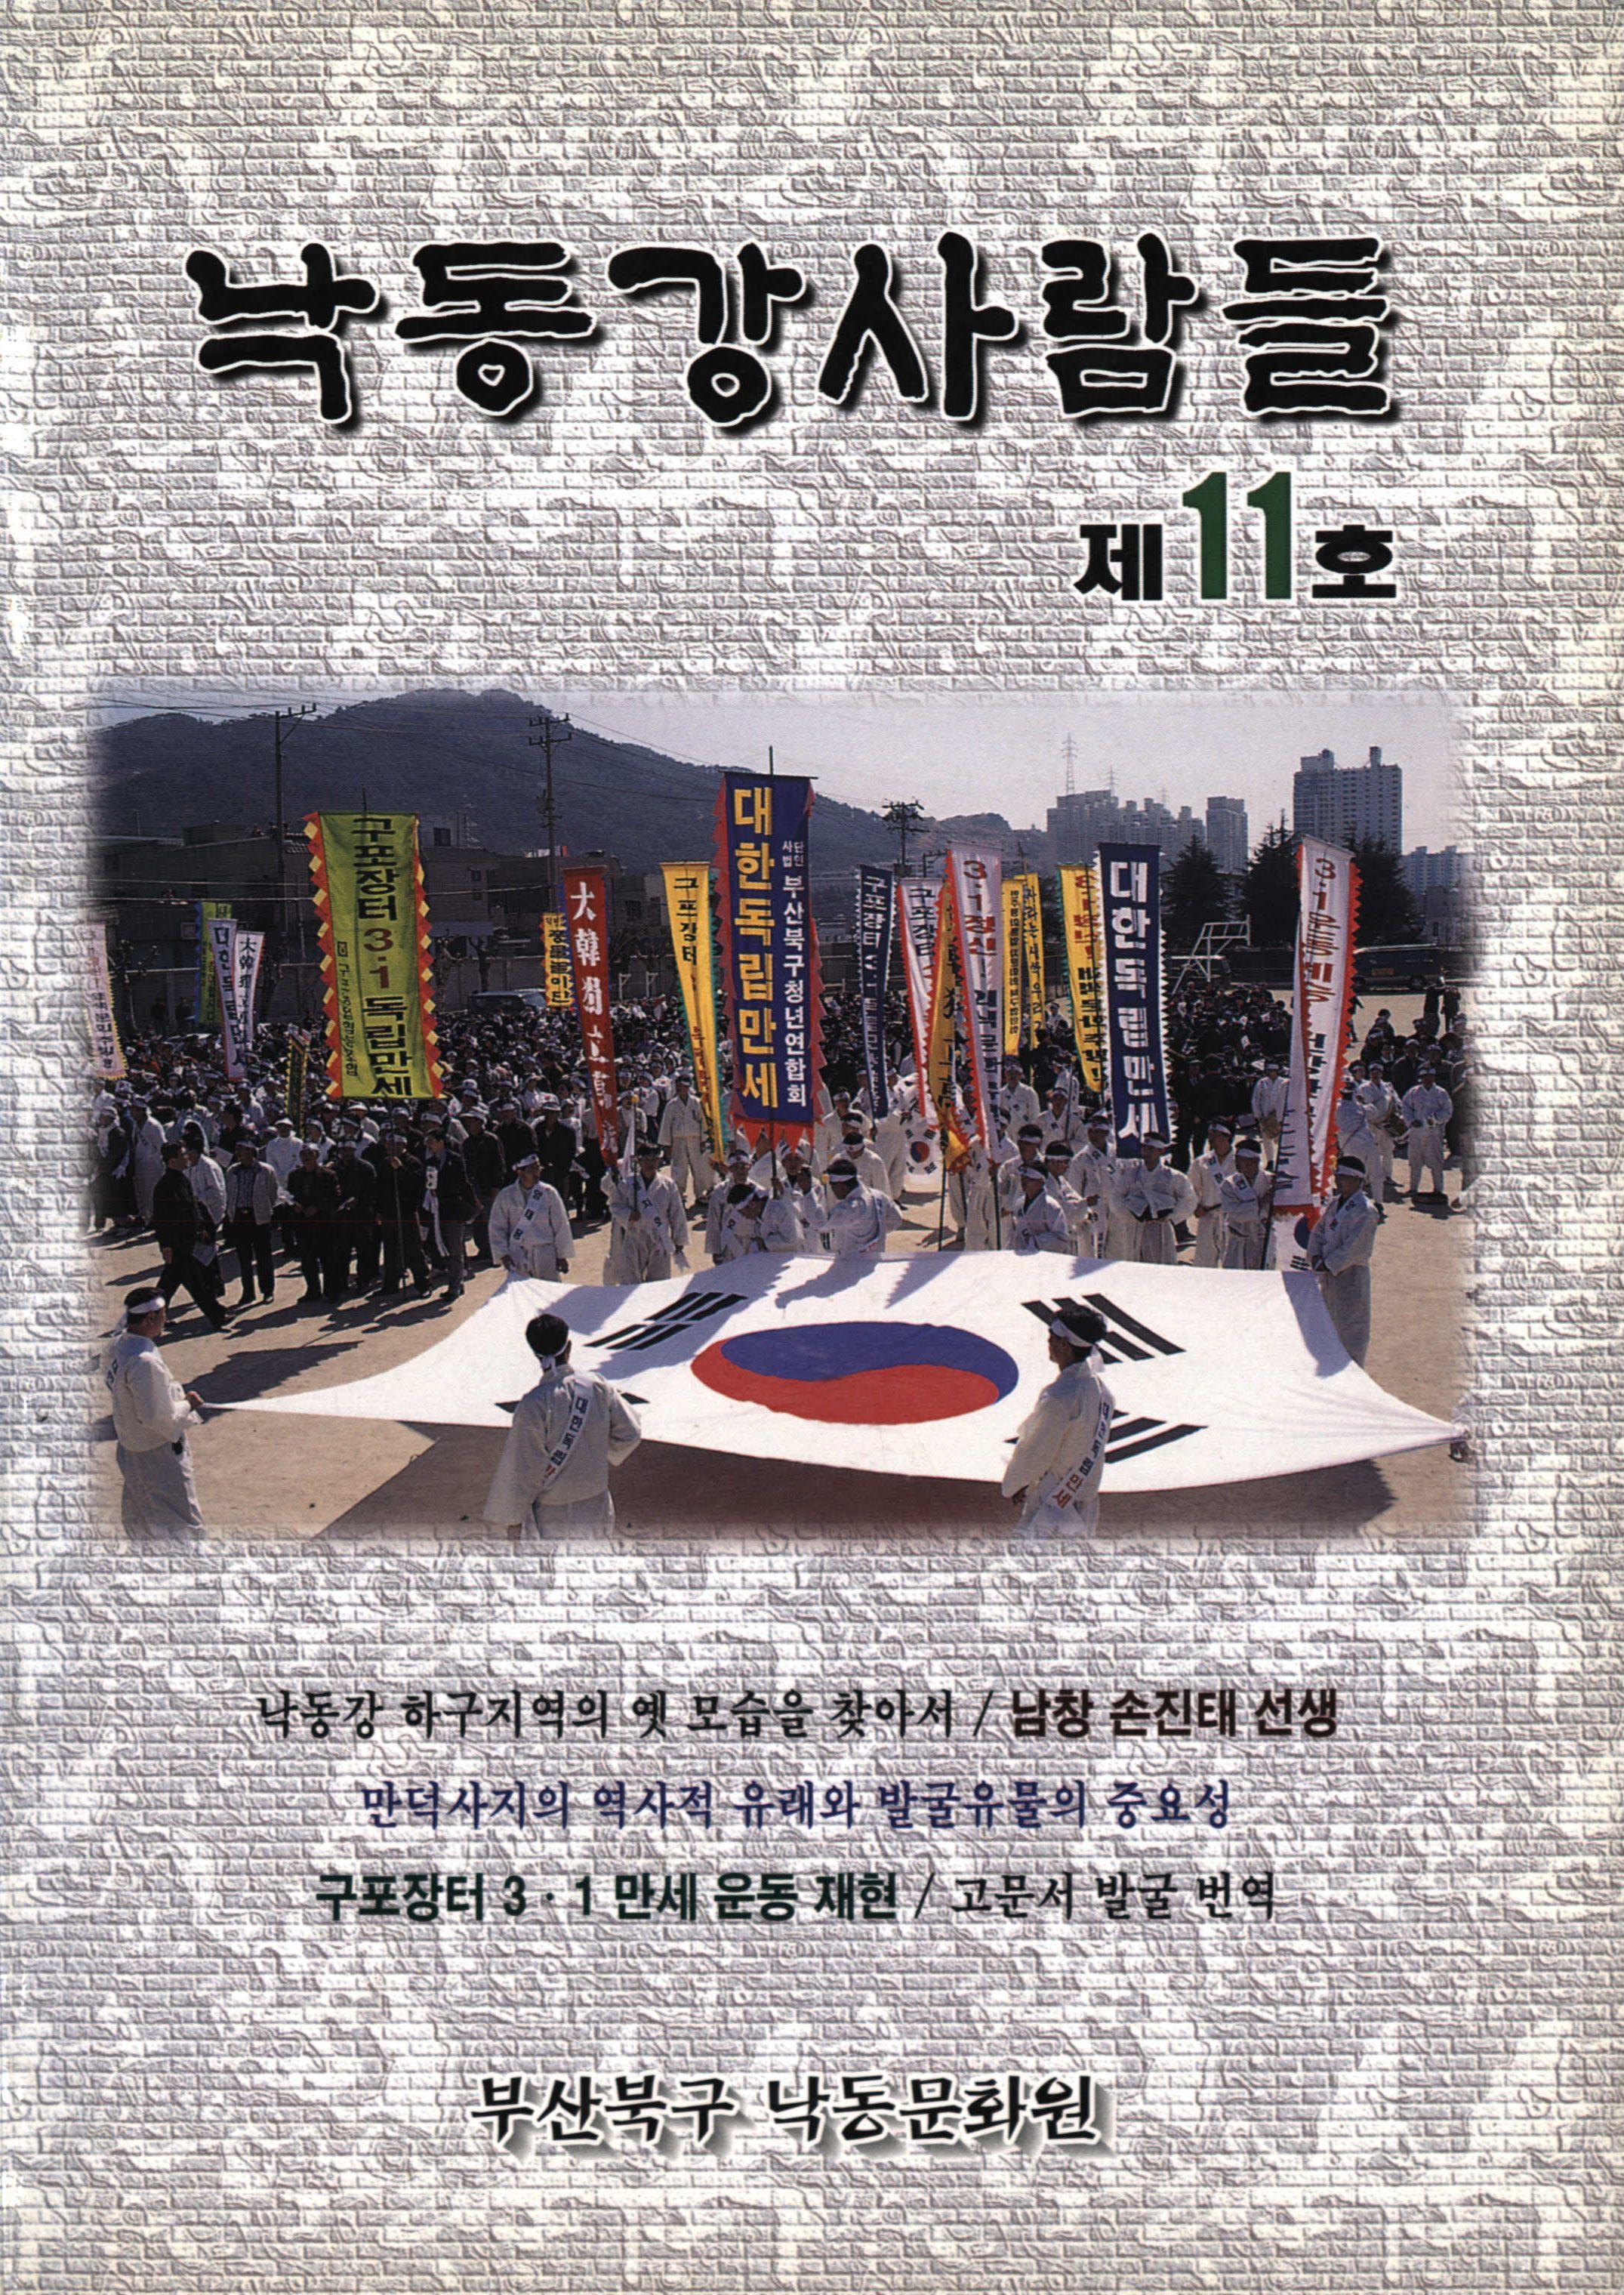 제11호 향토문화지 낙동강 사람들